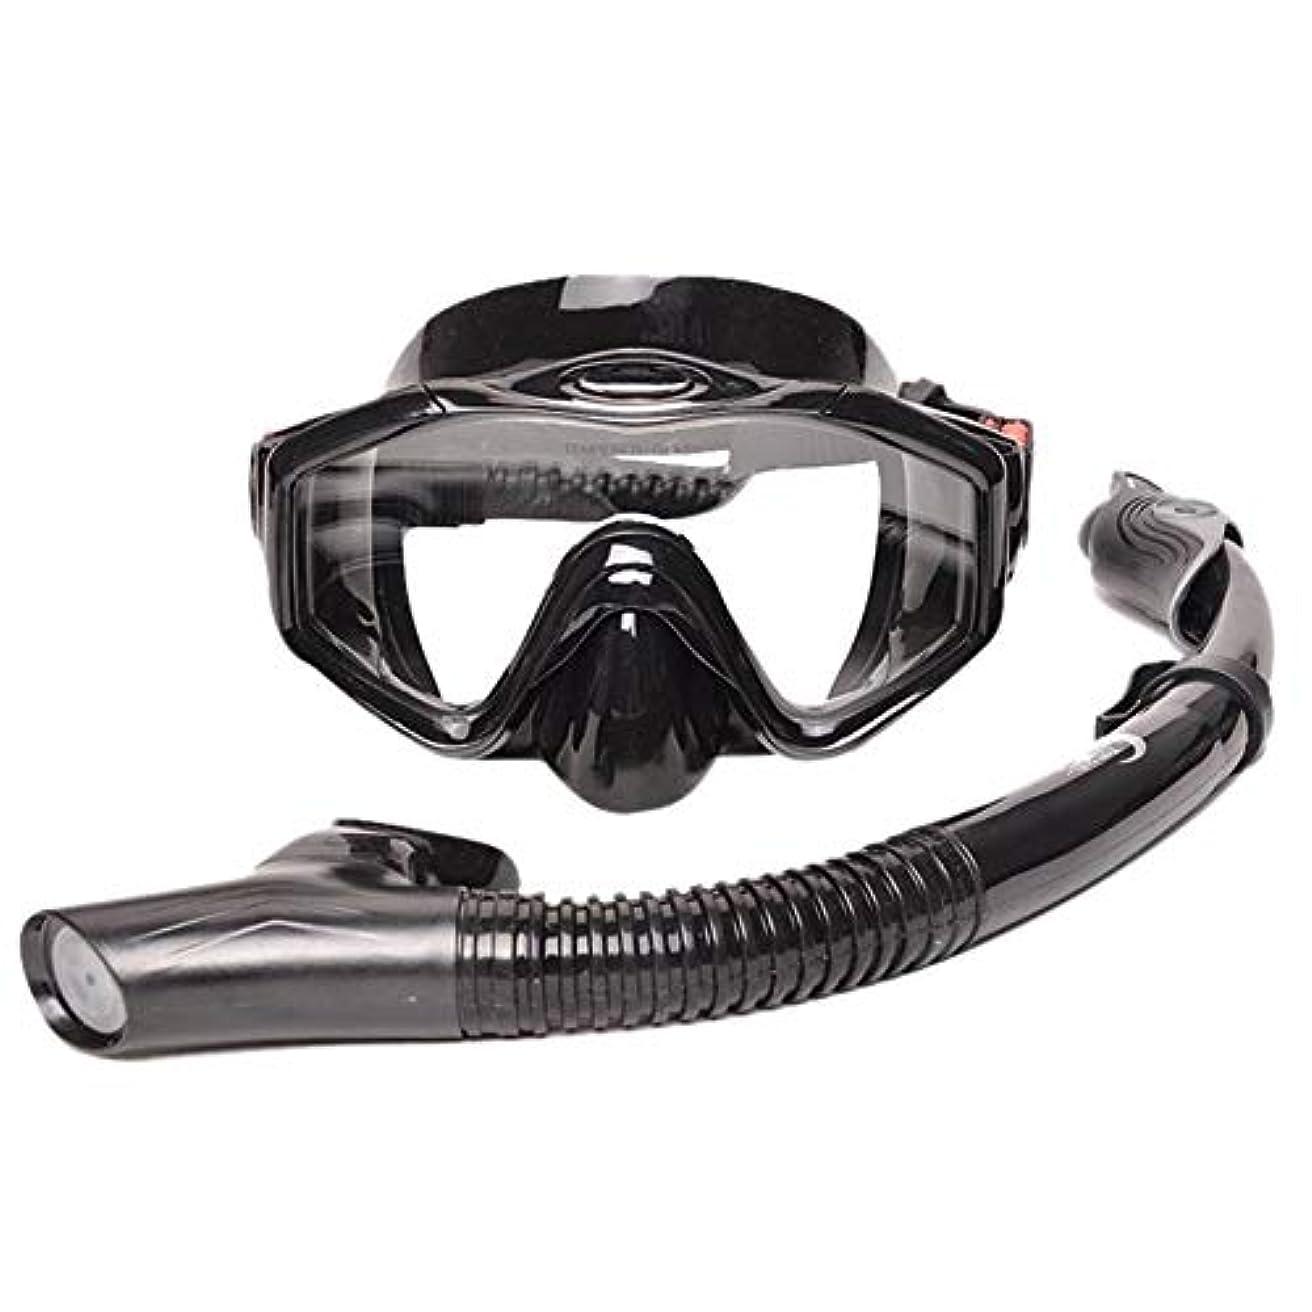 強制的かもしれない道徳プロのダイビング水泳ダイビングマスクセットダイビングマスク+水中狩猟に適した乾燥した黒い呼吸管 g5y9k2i3rw1